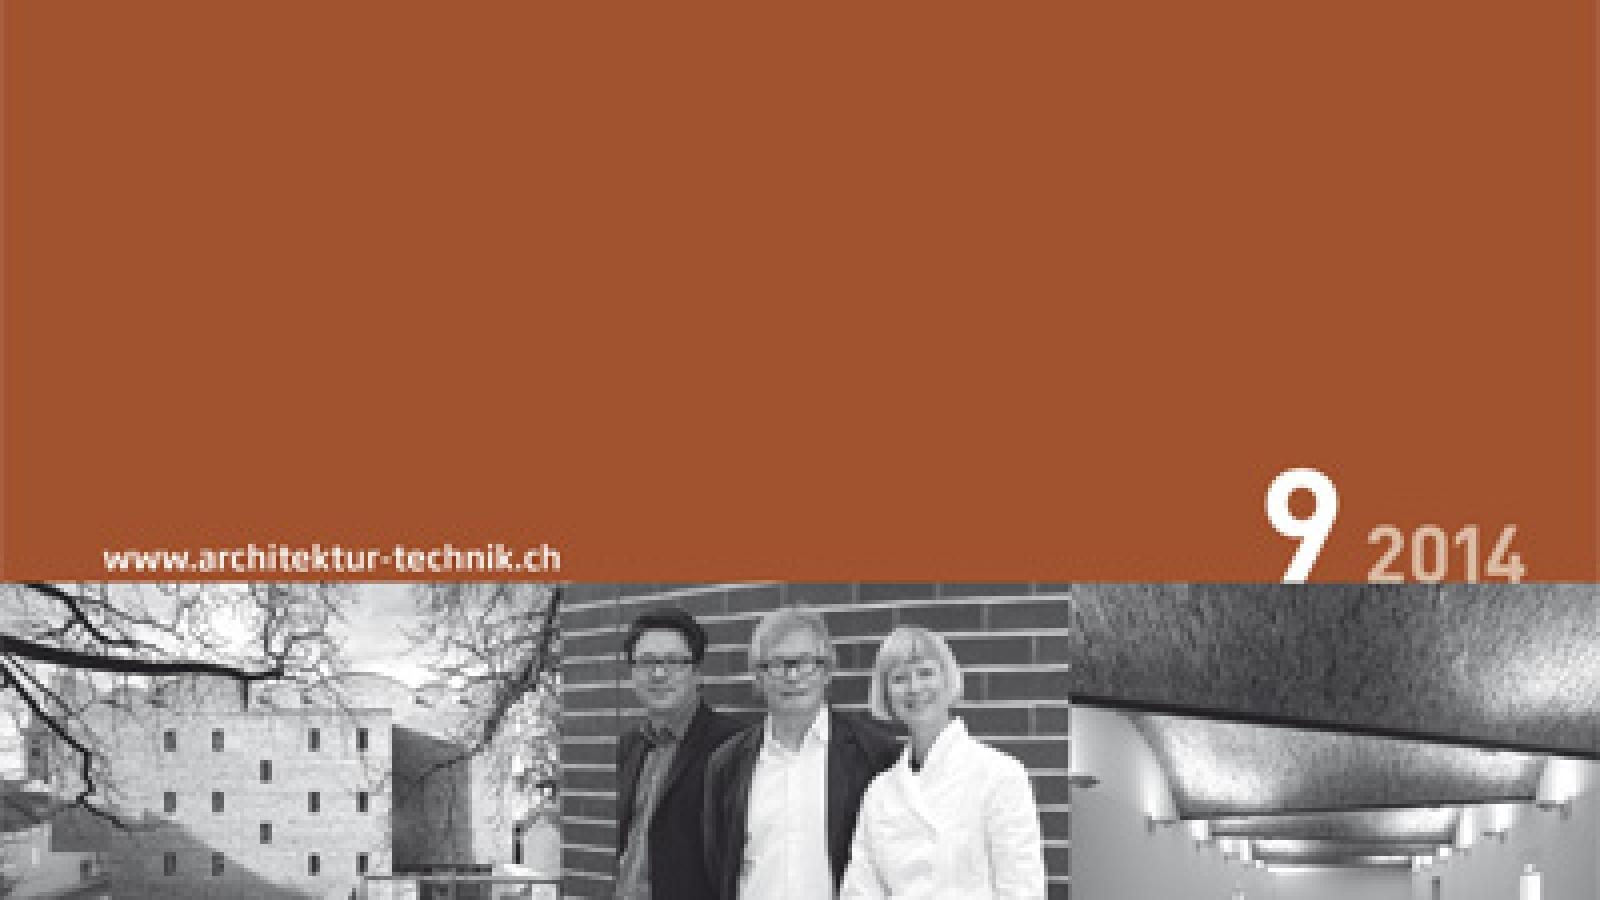 ArchitekturTechnik_2014_09